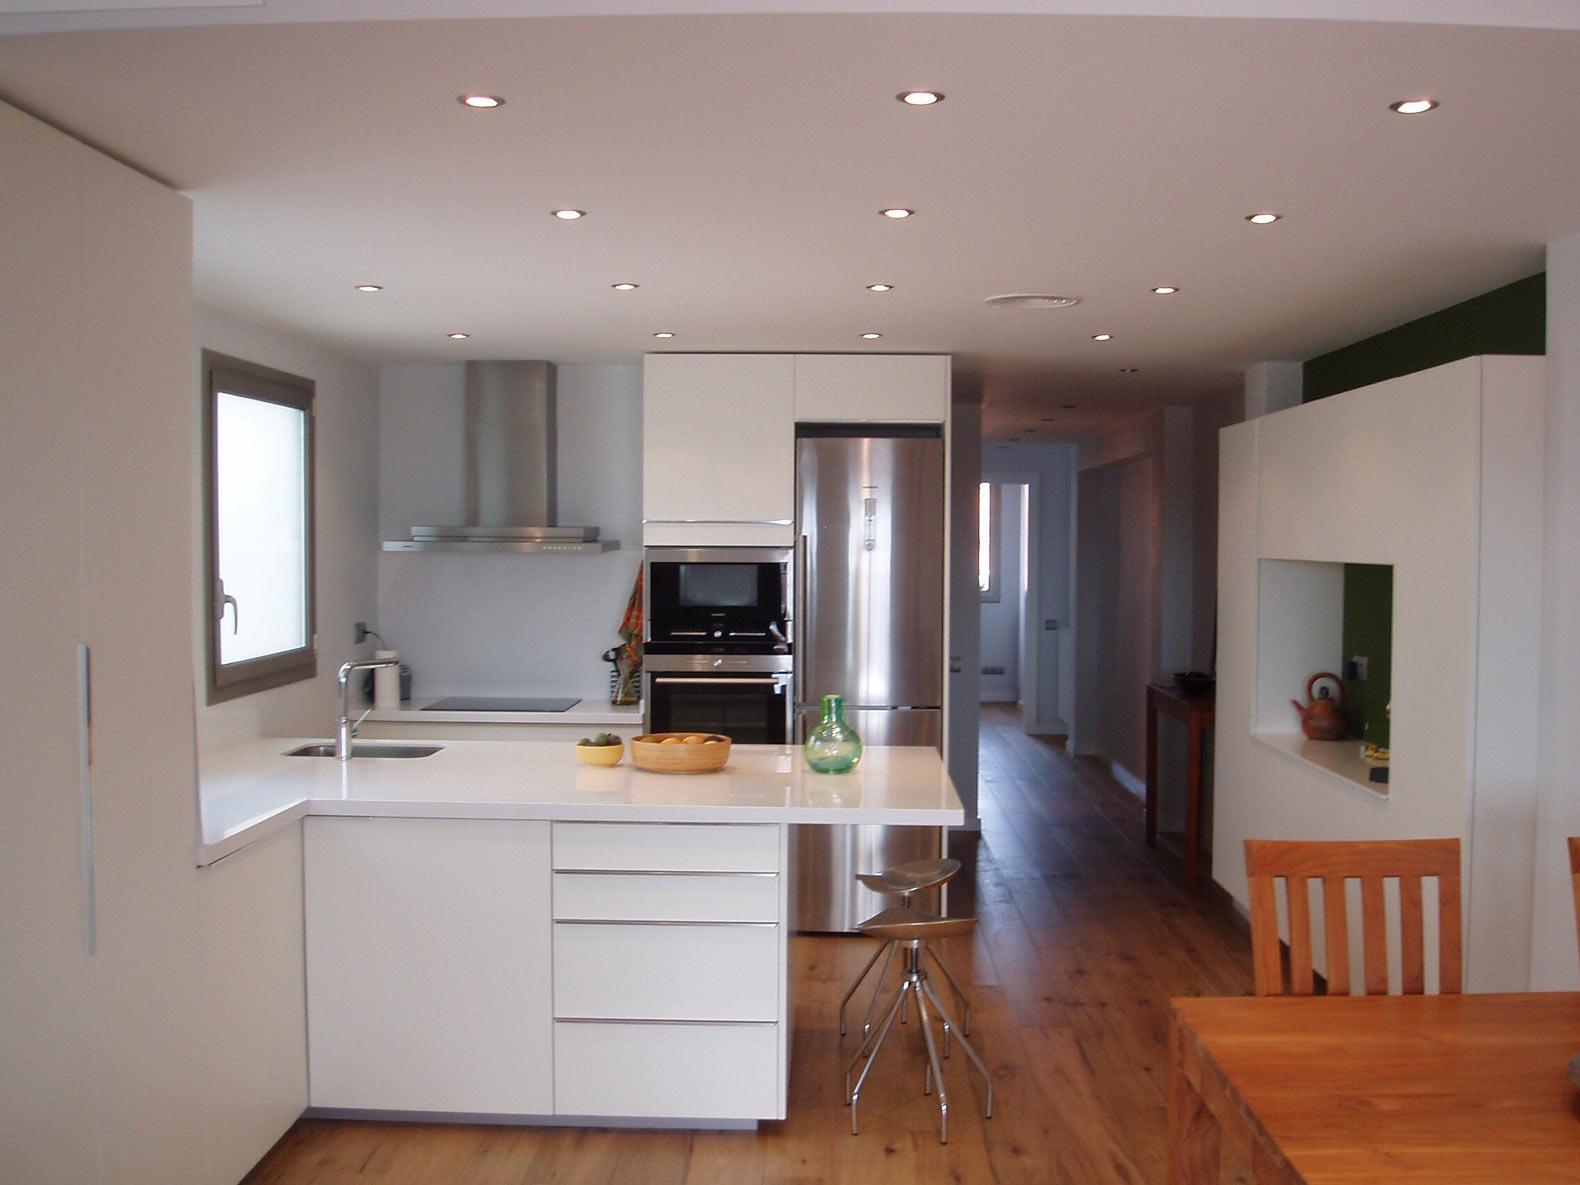 reforma-cocina-2.jpg